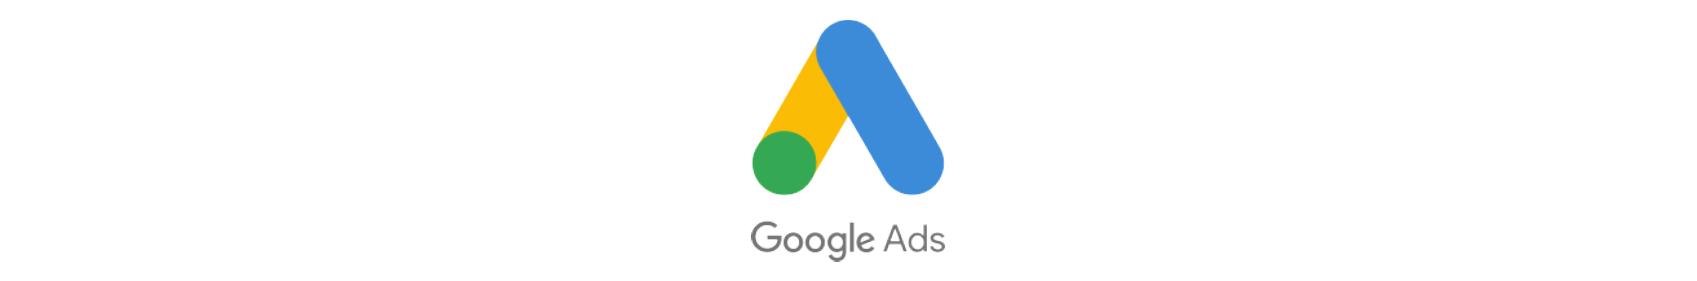 ferramenta para anuncios google ads